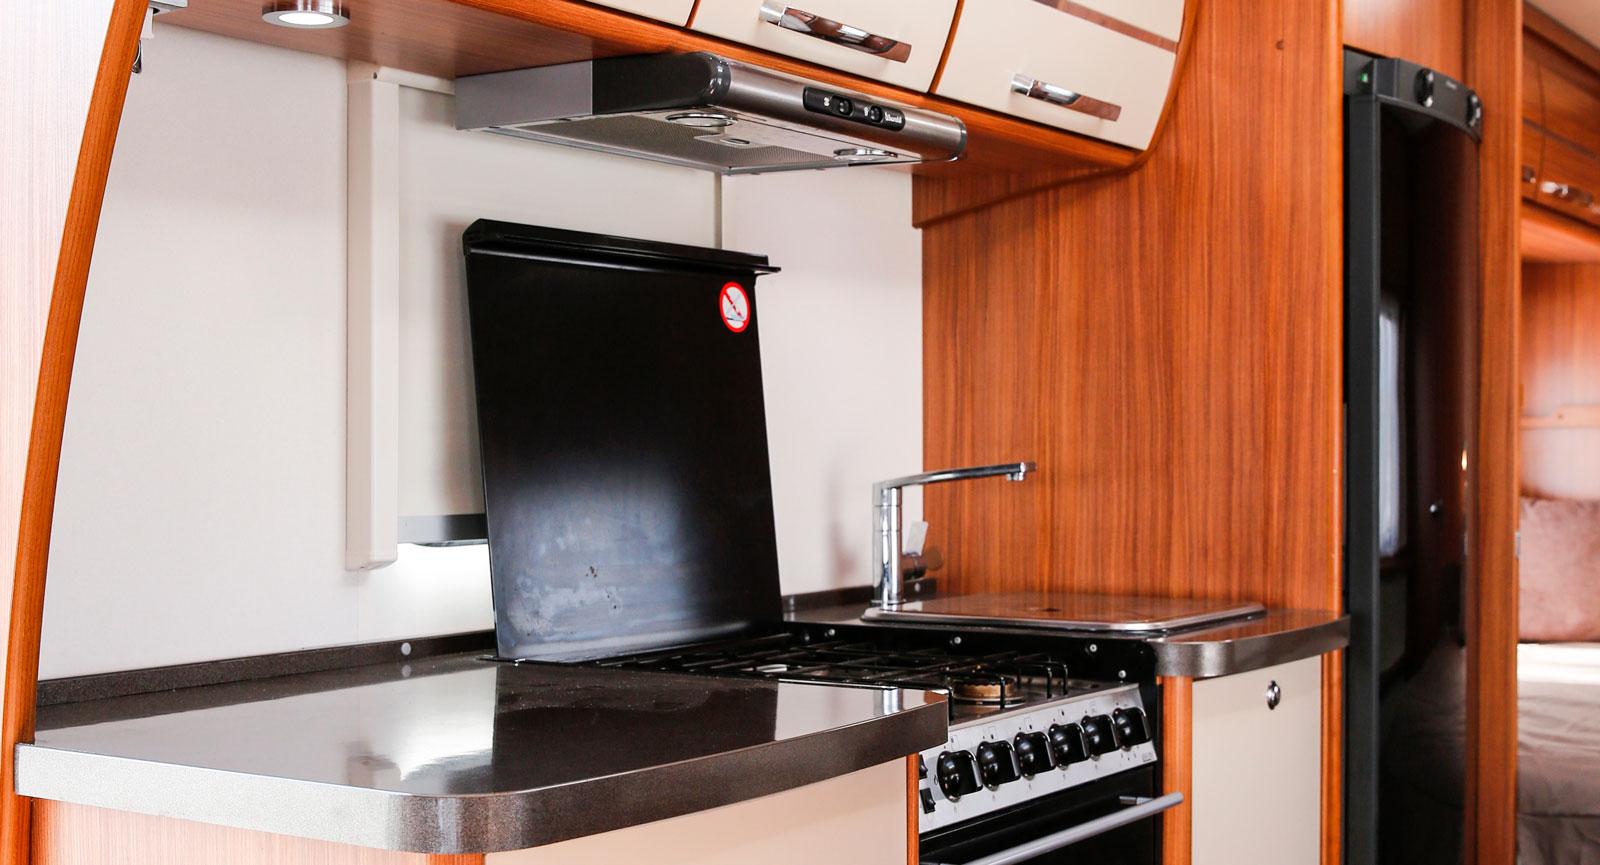 Köksdelen är rejält tilltagen och närheten till den lilla sittgruppen gör matlagningen mer social med möjlighet till samtal.